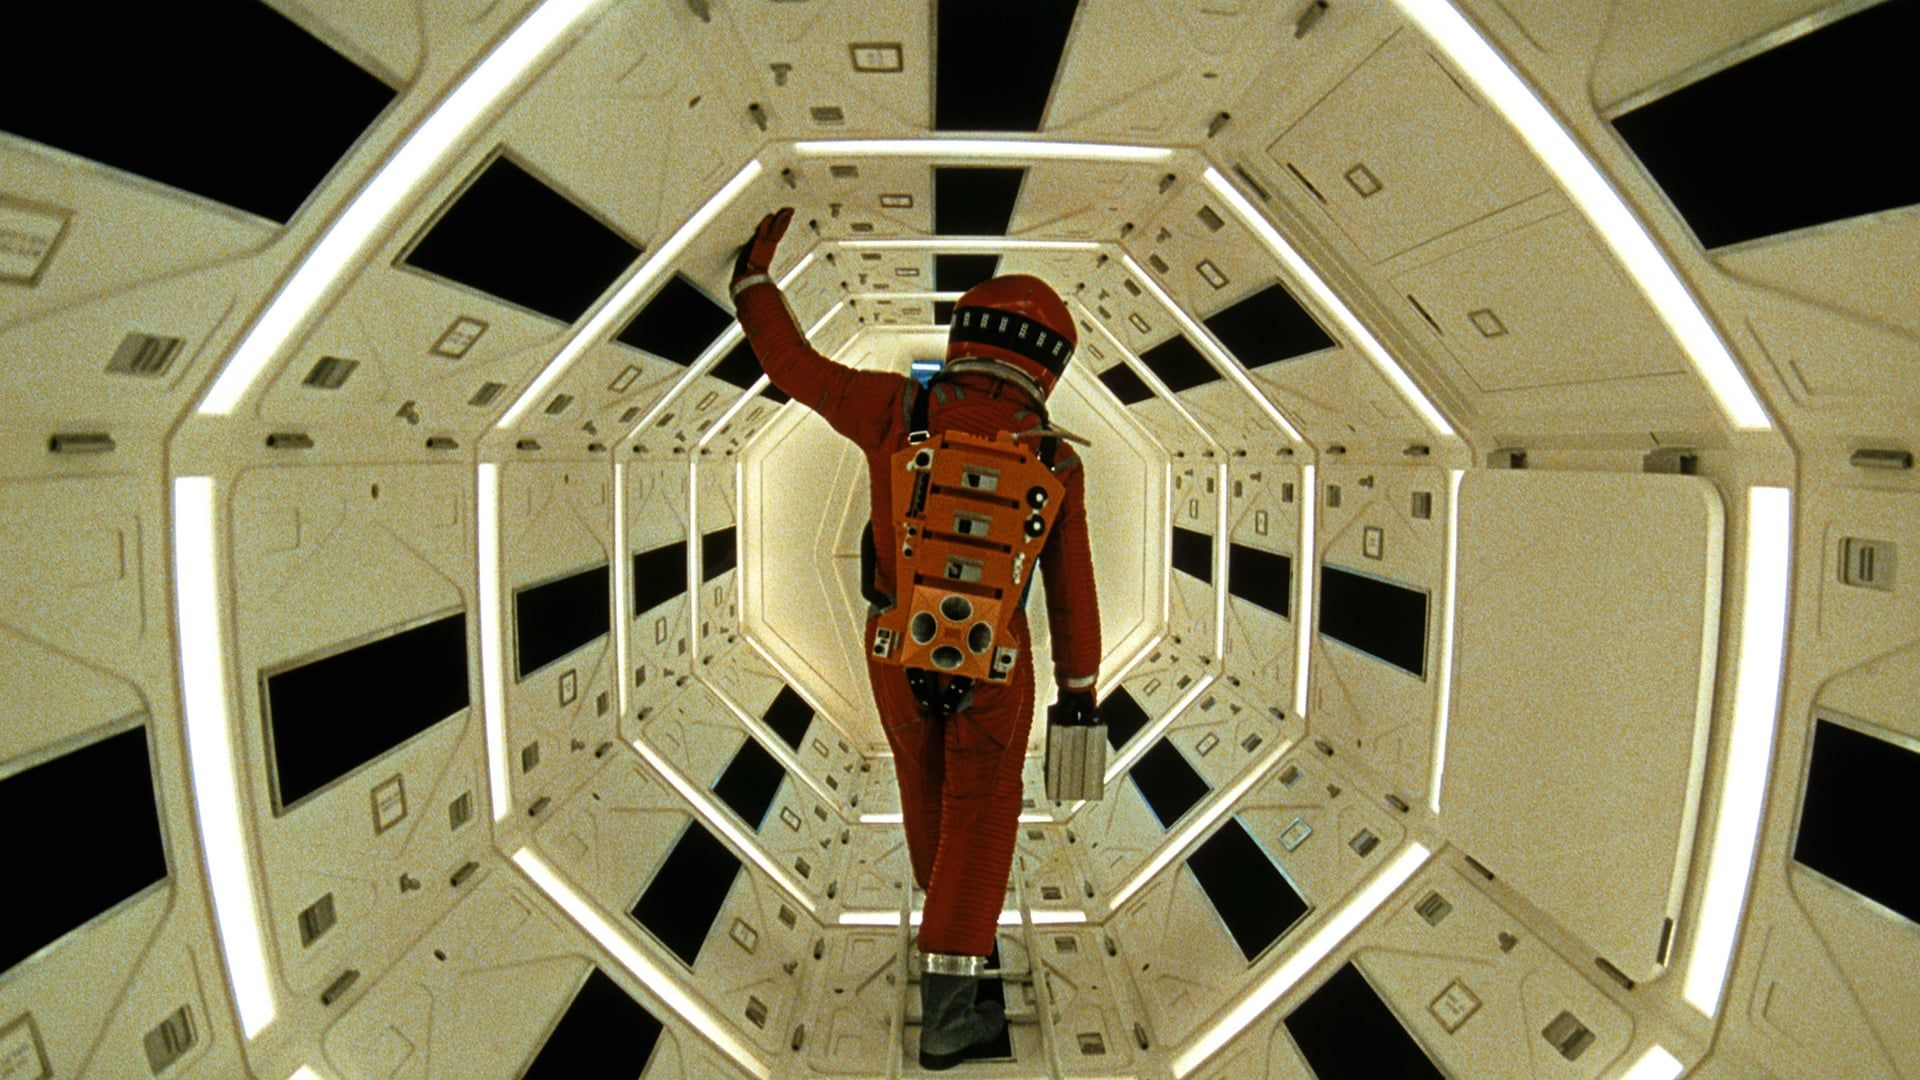 2001 L Odyssee De L Espace 1968 Stream Film Complet Vf Francais Aux Temps Prehistoriques Une Petite Tribu D 2001 A Space Odyssey Space Odyssey Stanley Kubrick